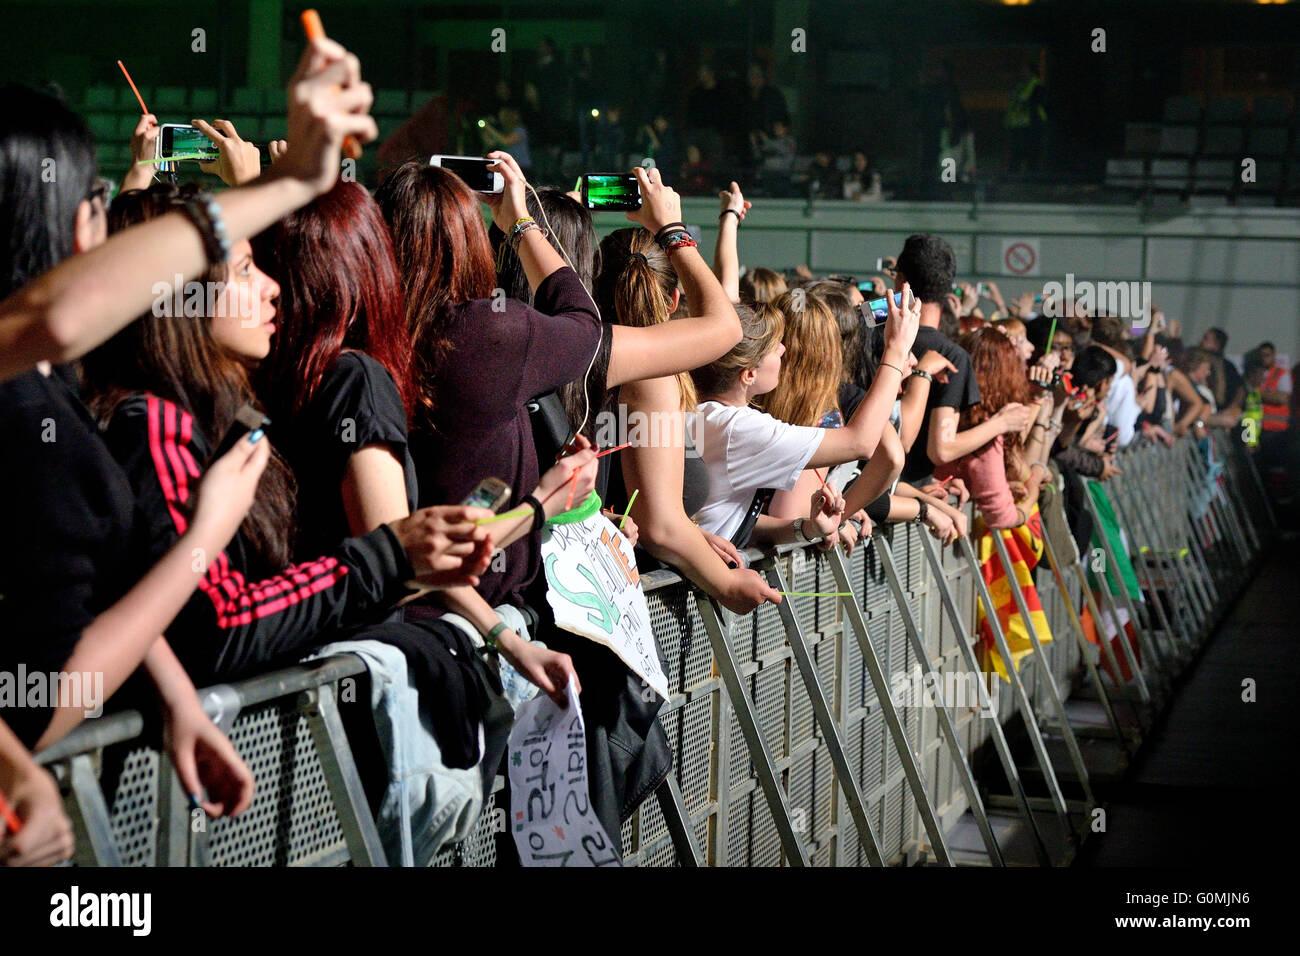 Barcellona - MAR 30: la folla in un concerto a San Jordi Club stadio su Marzo 18, 2015 a Barcellona, Spagna. Immagini Stock